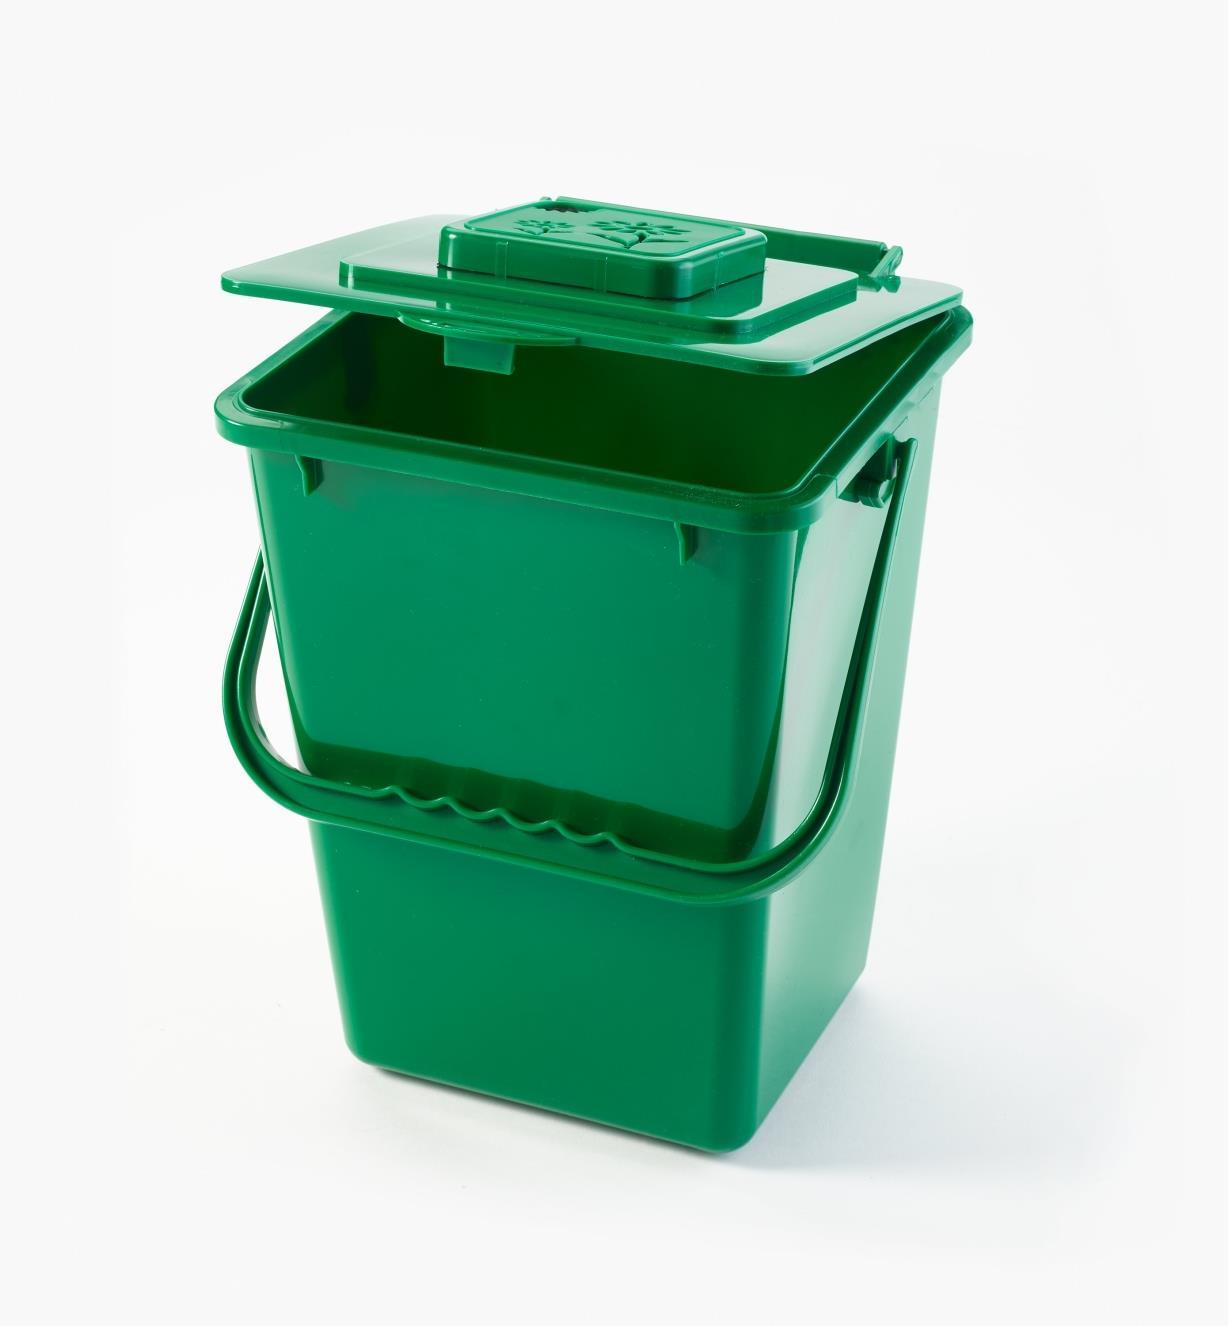 XG225 - Bac à compost de cuisine, 7L